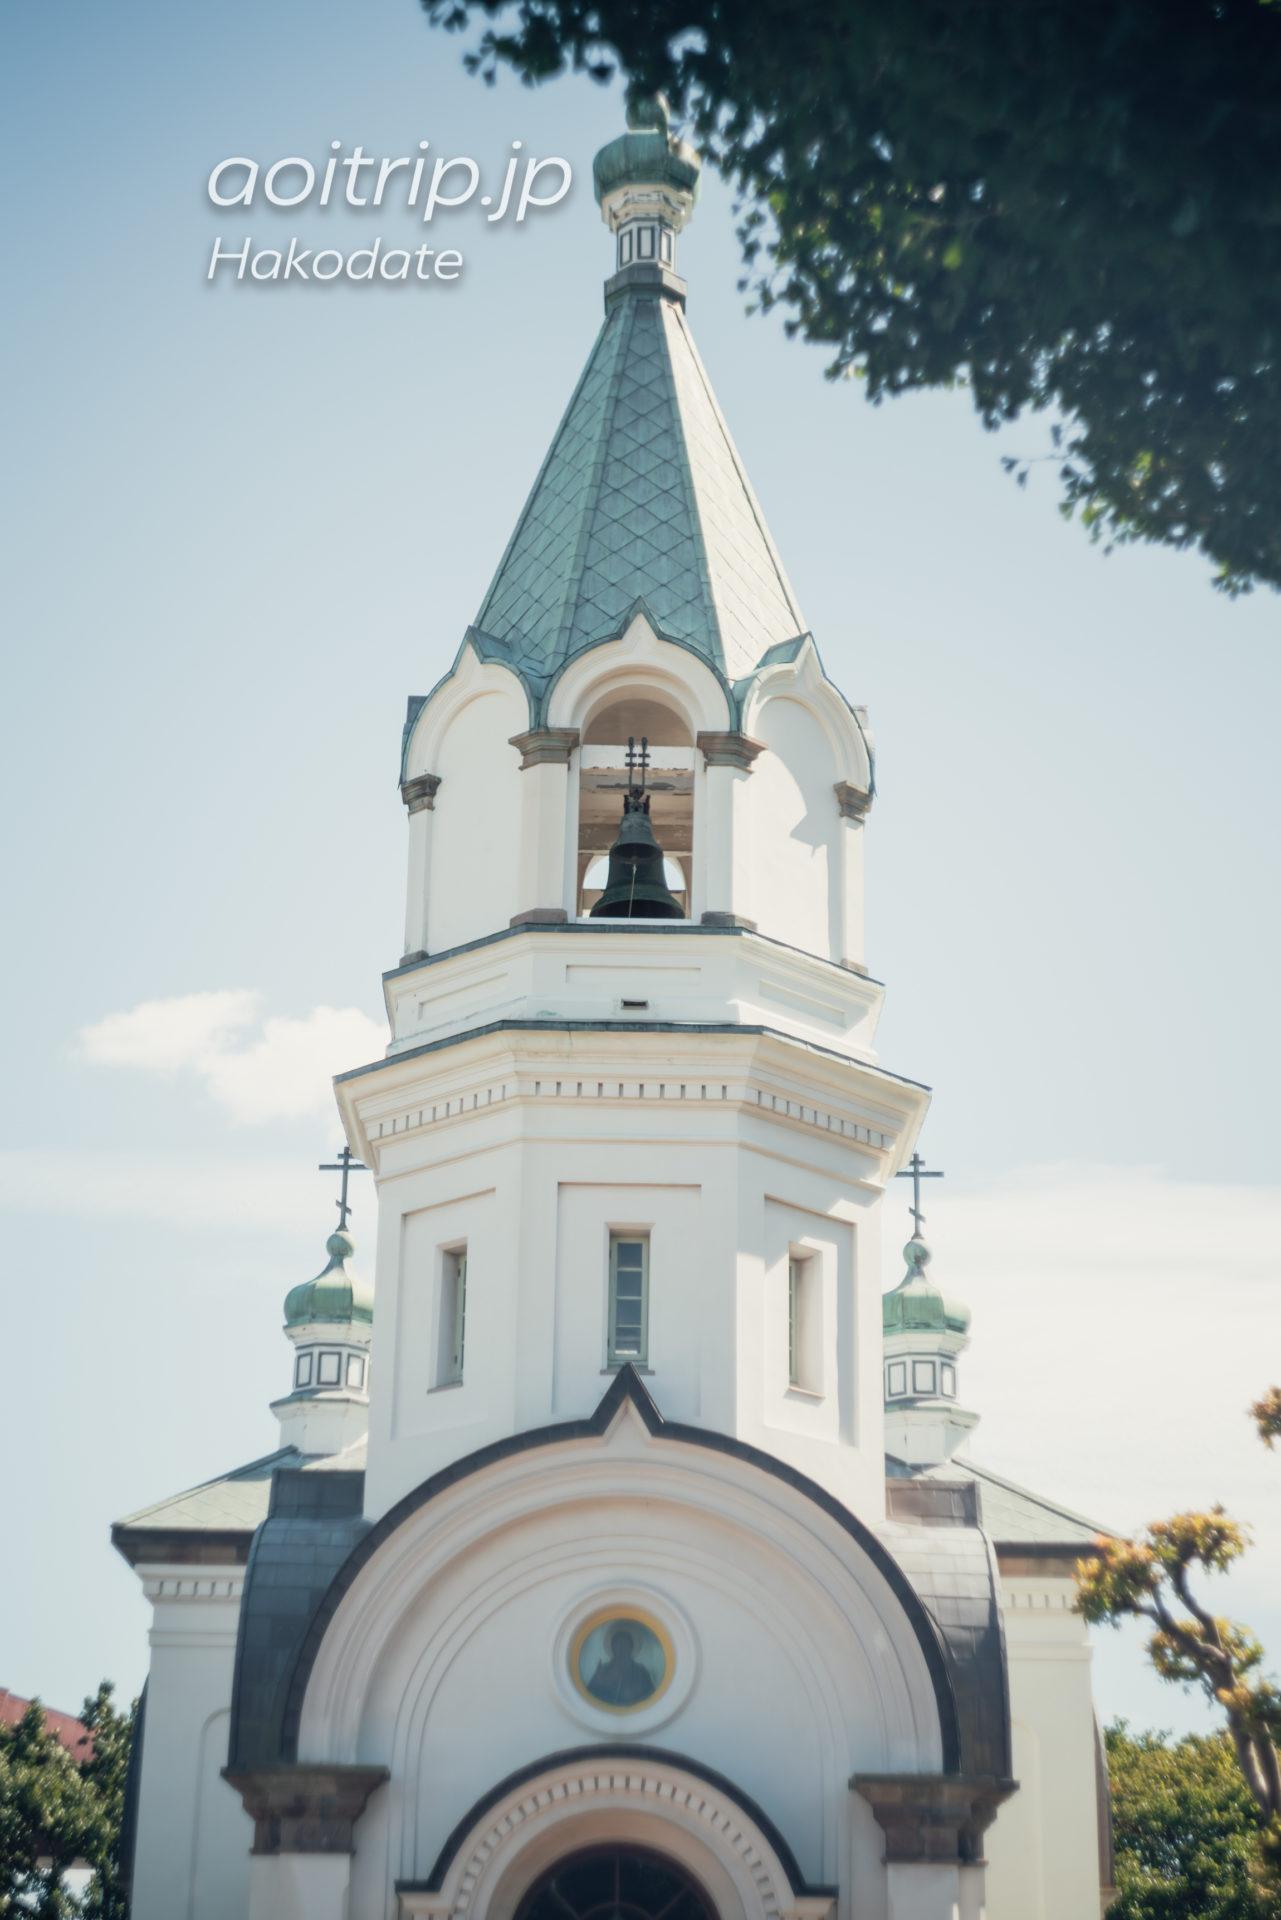 函館ハリストス正教会 Hakodate Orthodox Church